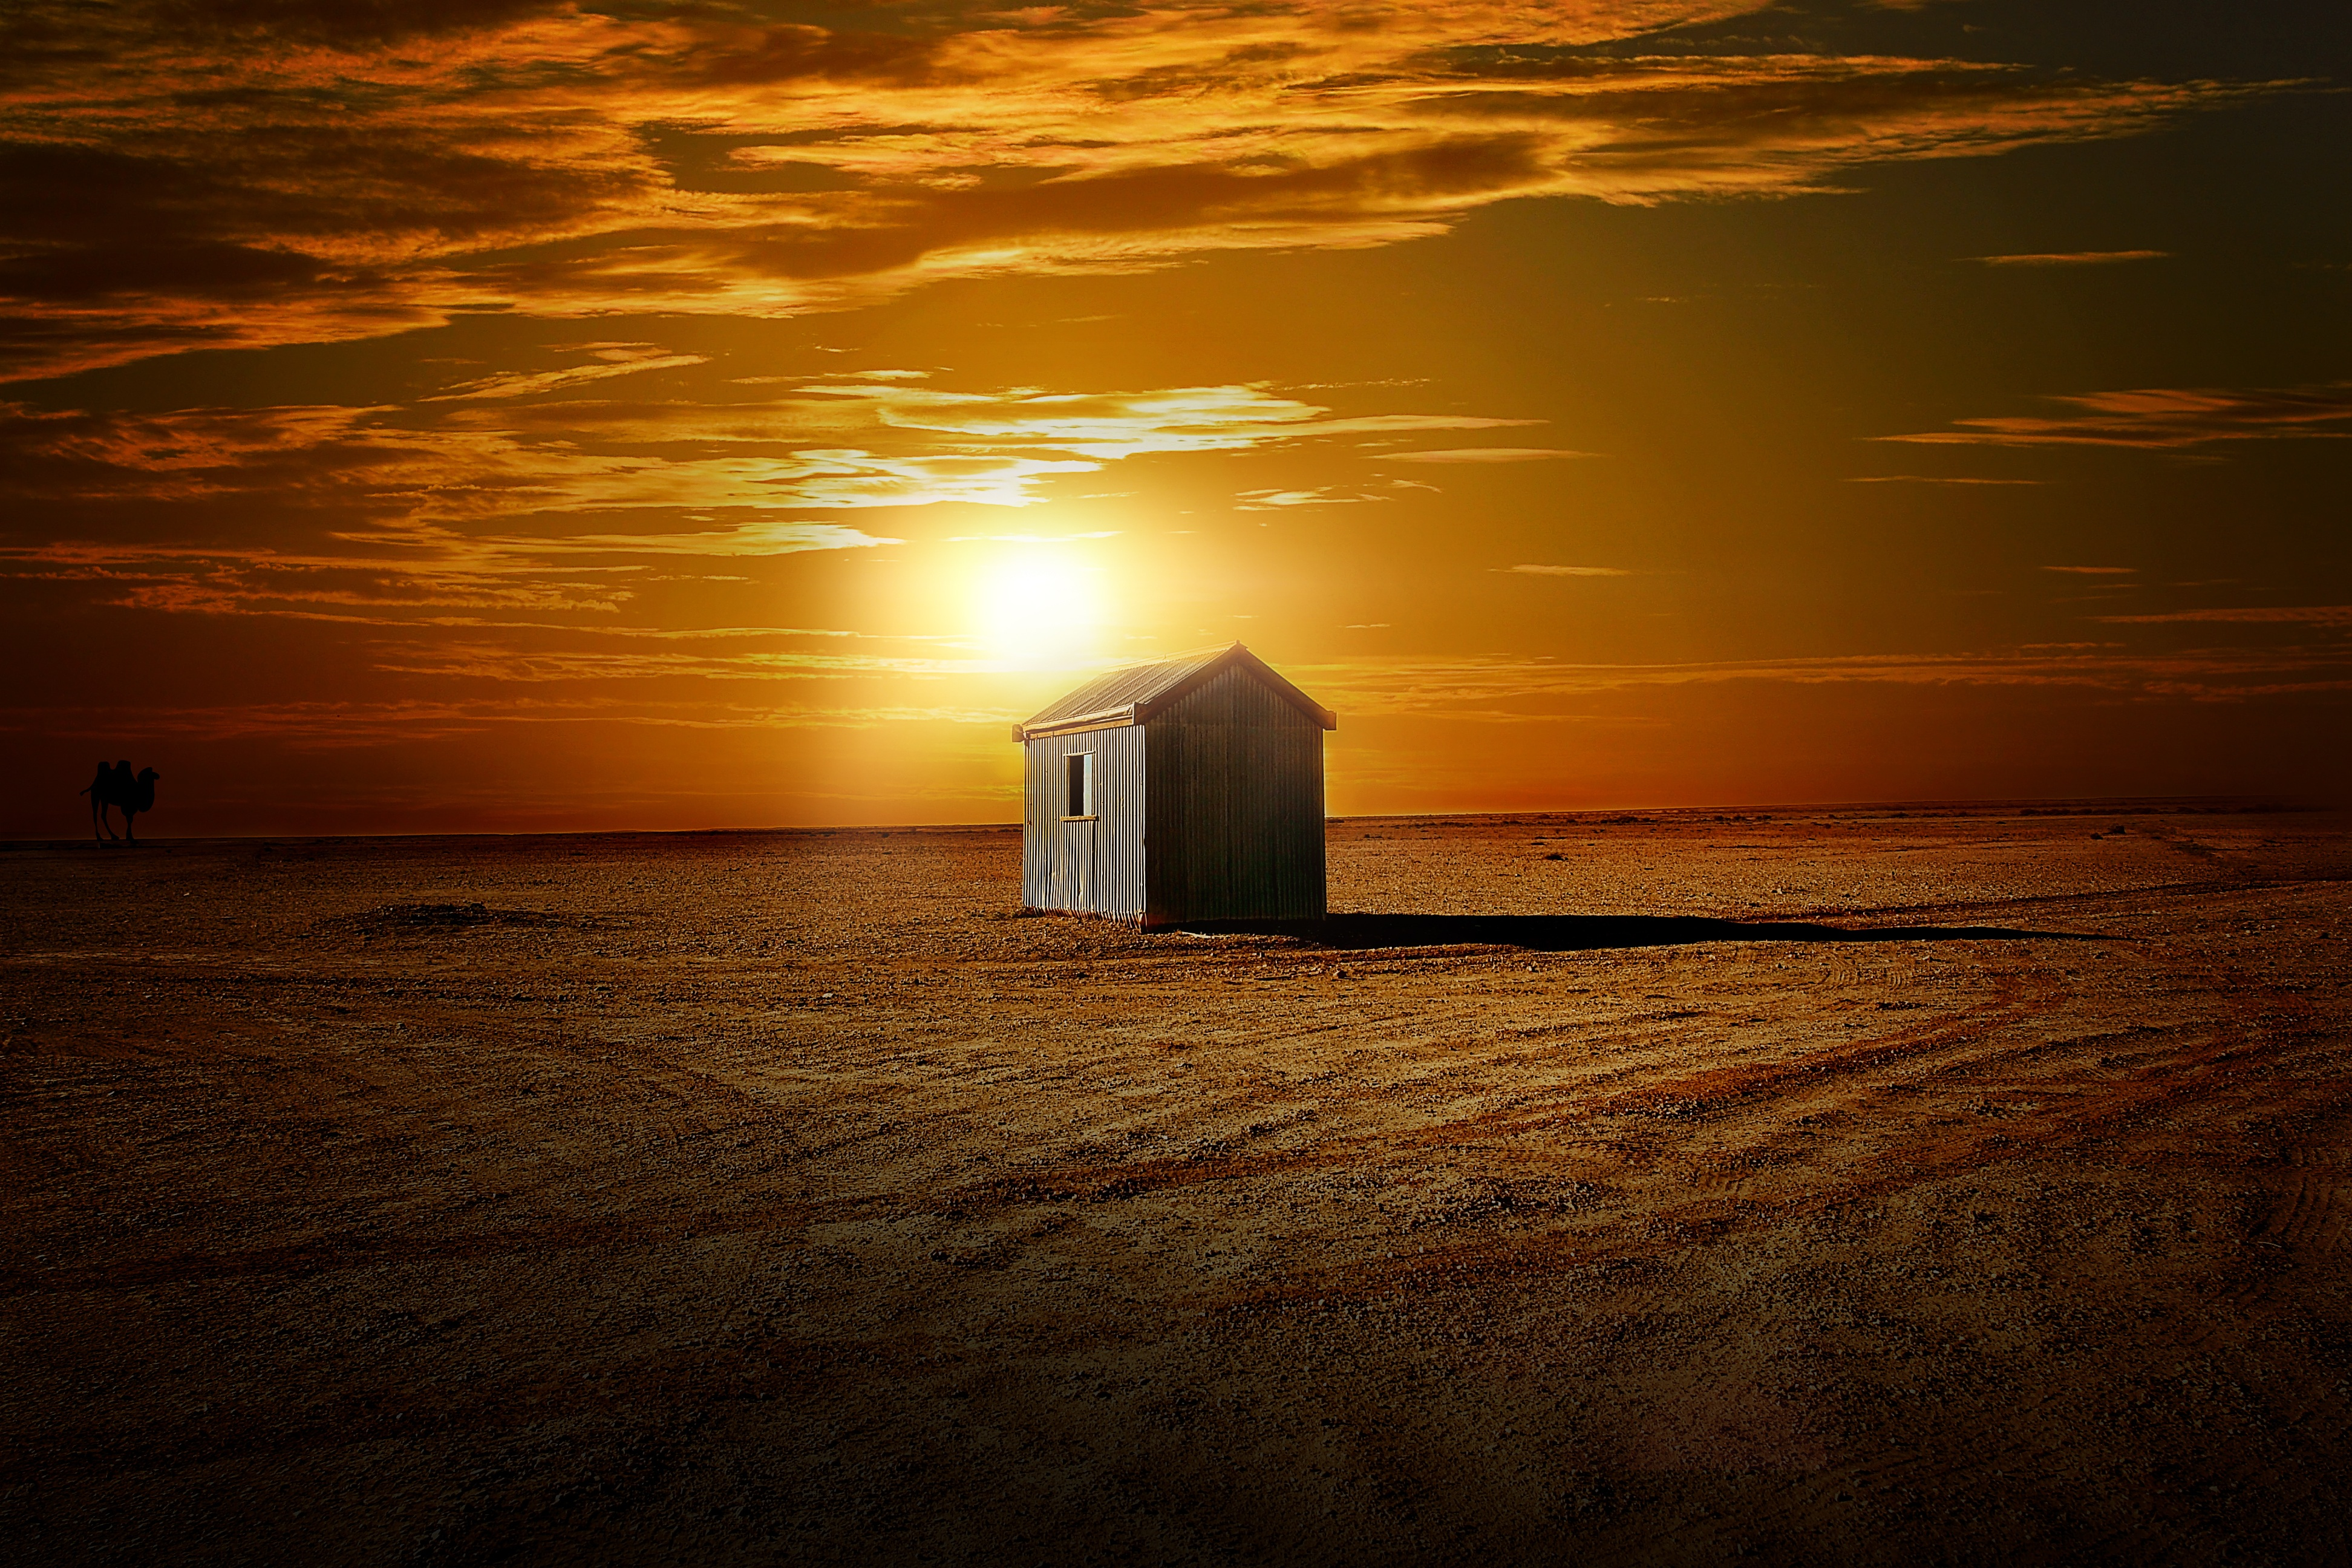 Landscape, Desert, Hot, Hut, Sand, HQ Photo